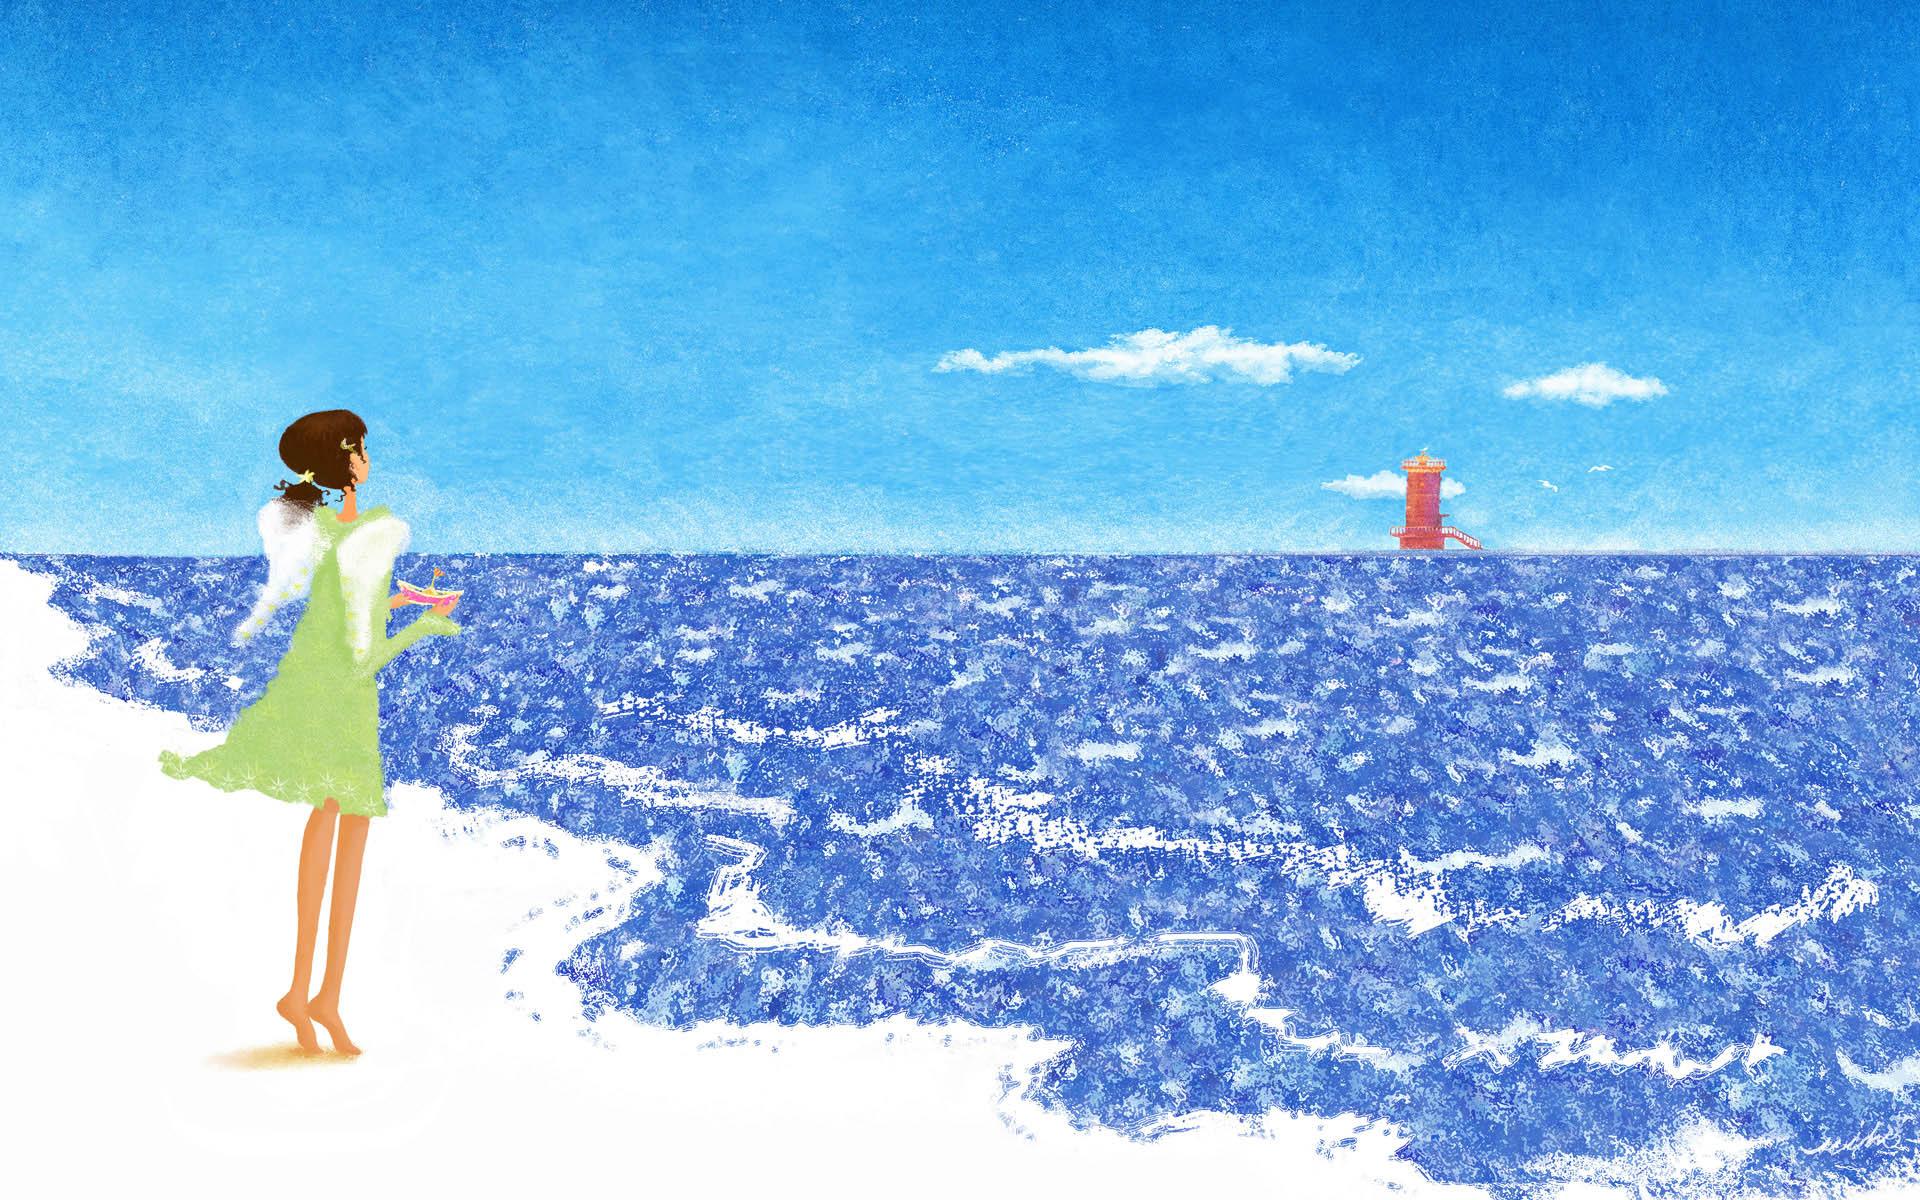 壁纸1920×1200手绘浪漫女孩 壁纸23壁纸 手绘浪漫女孩壁纸图片绘画壁纸绘画图片素材桌面壁纸